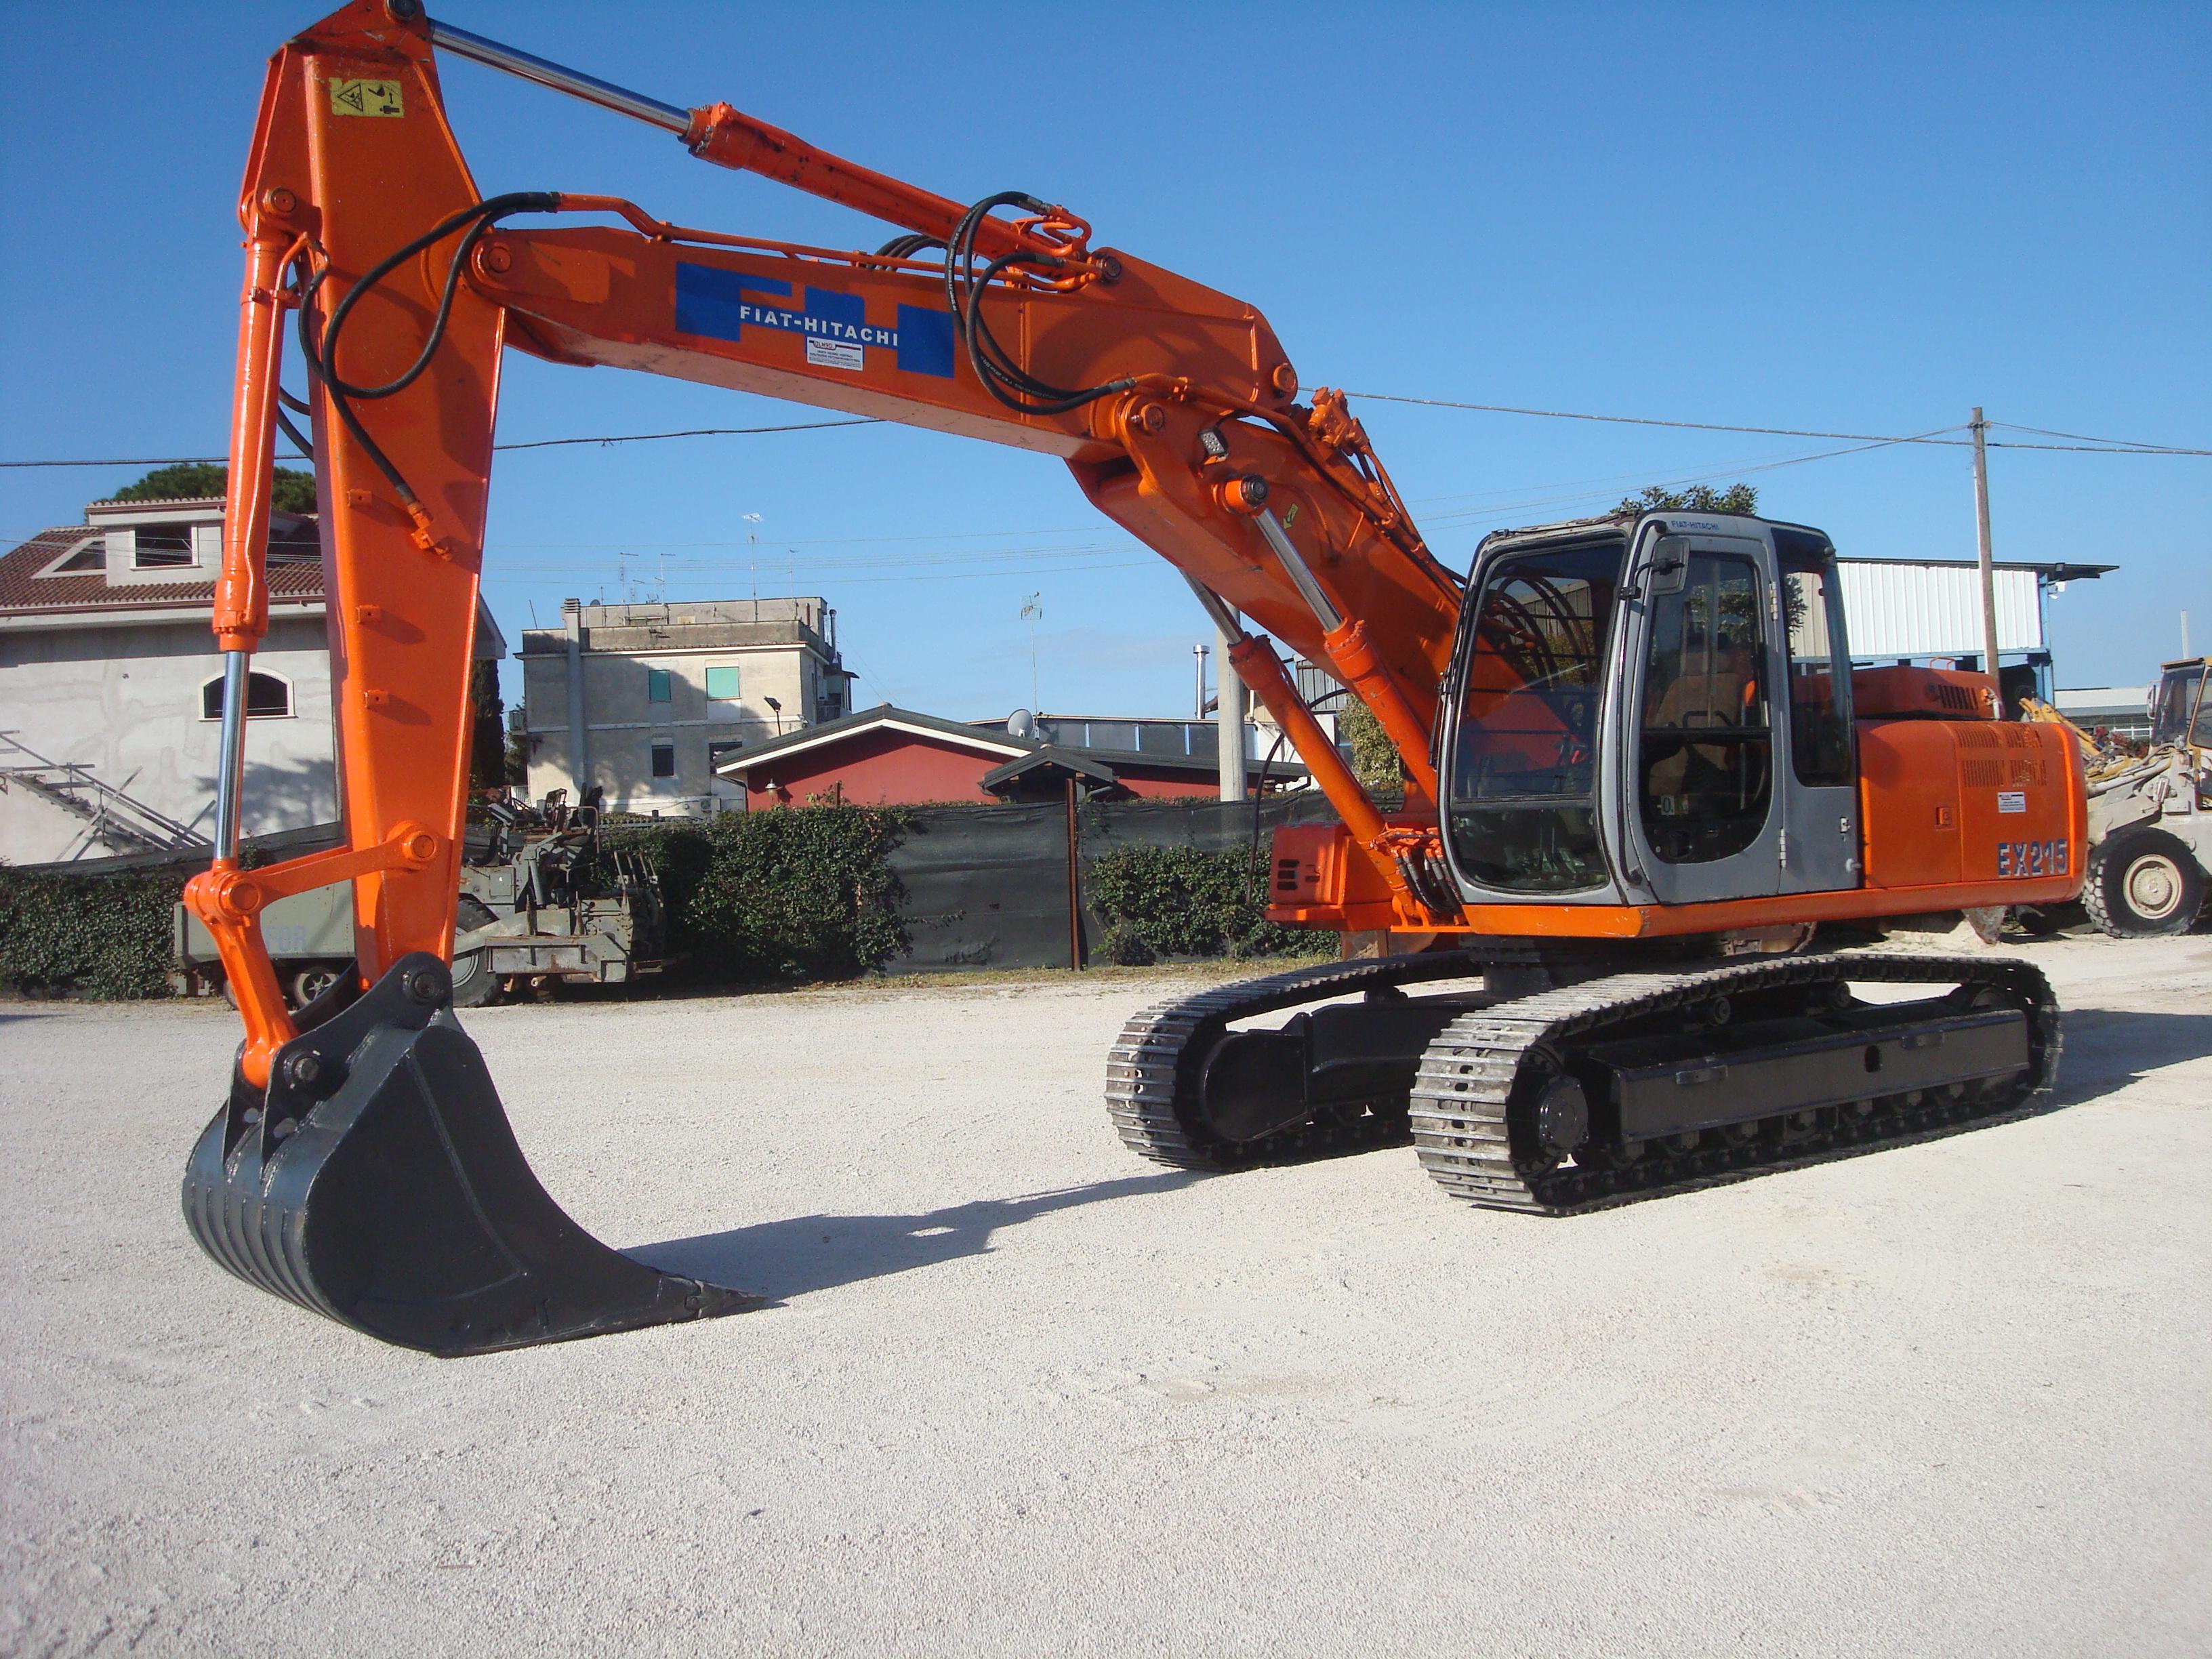 Escavatore Cingolato Usato Fiat Hitachi EX215